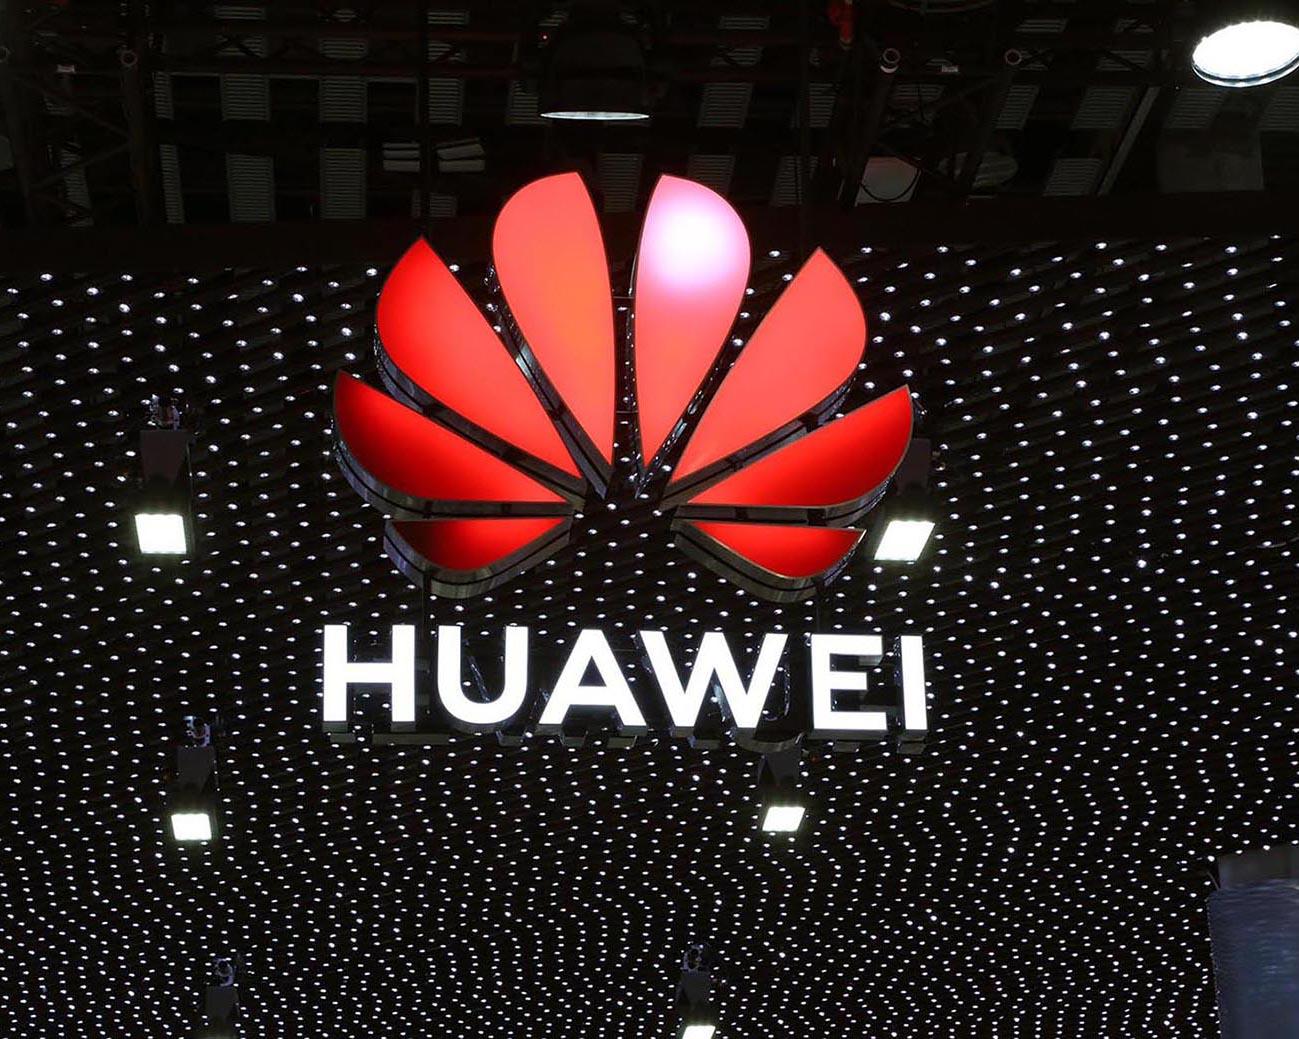 Huawei mira 5 milhões de desenvolvedores em seu ecossistema de computação